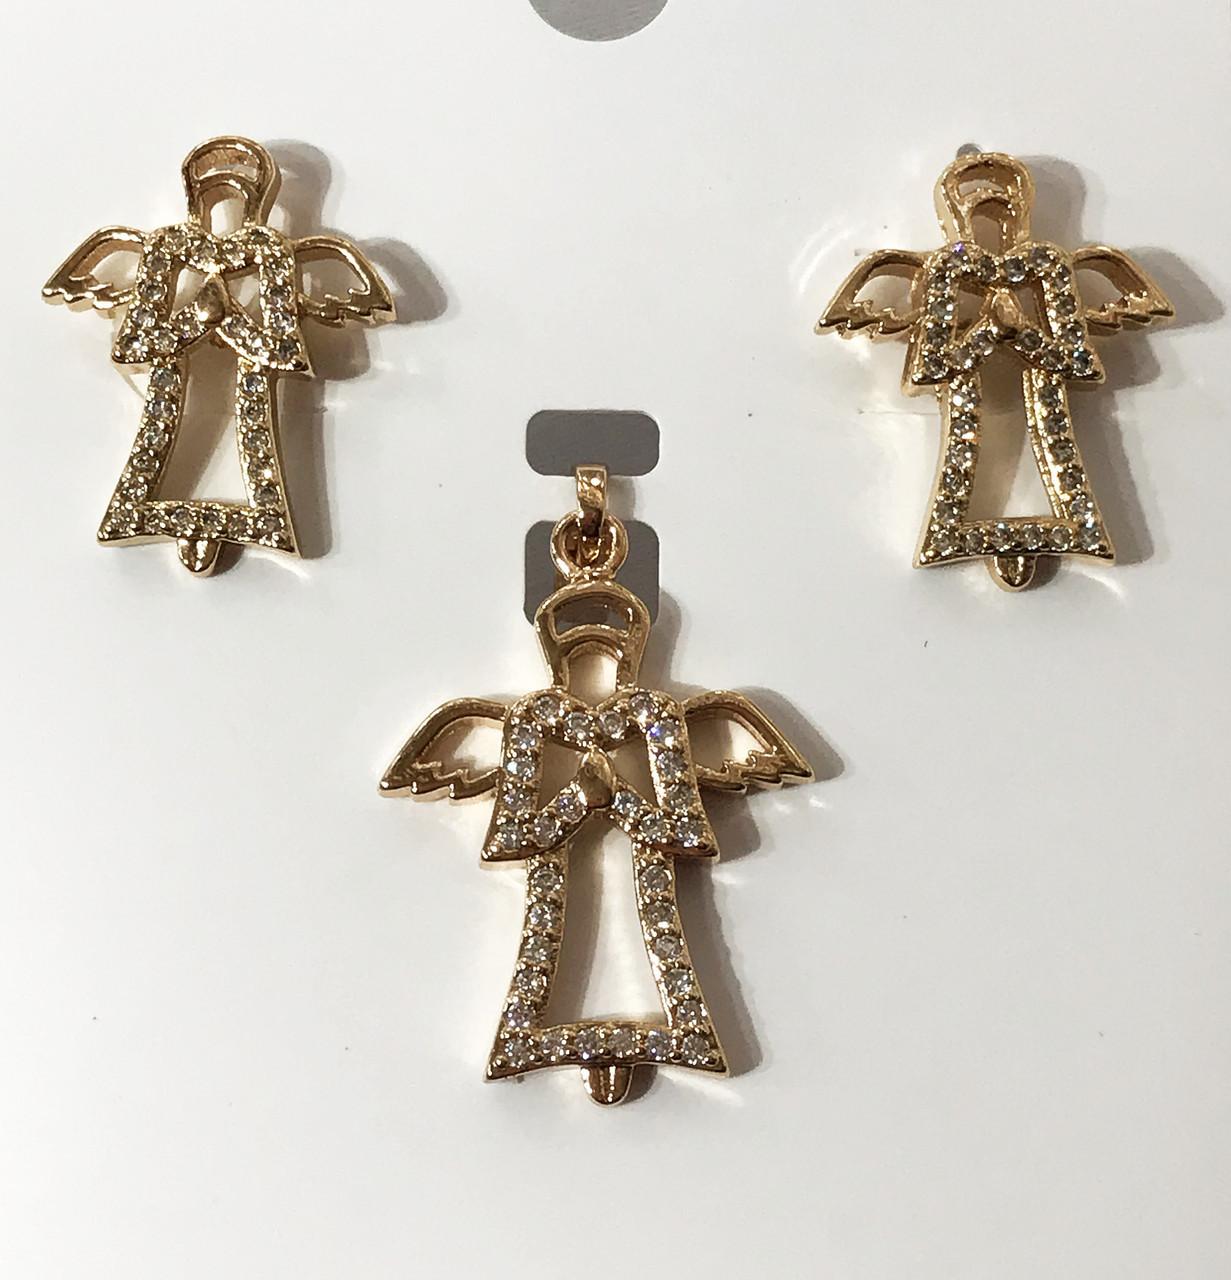 Набор Ангелочки, кулон В-32 мм Ш-18 мм серьги В-20 Ш- 15